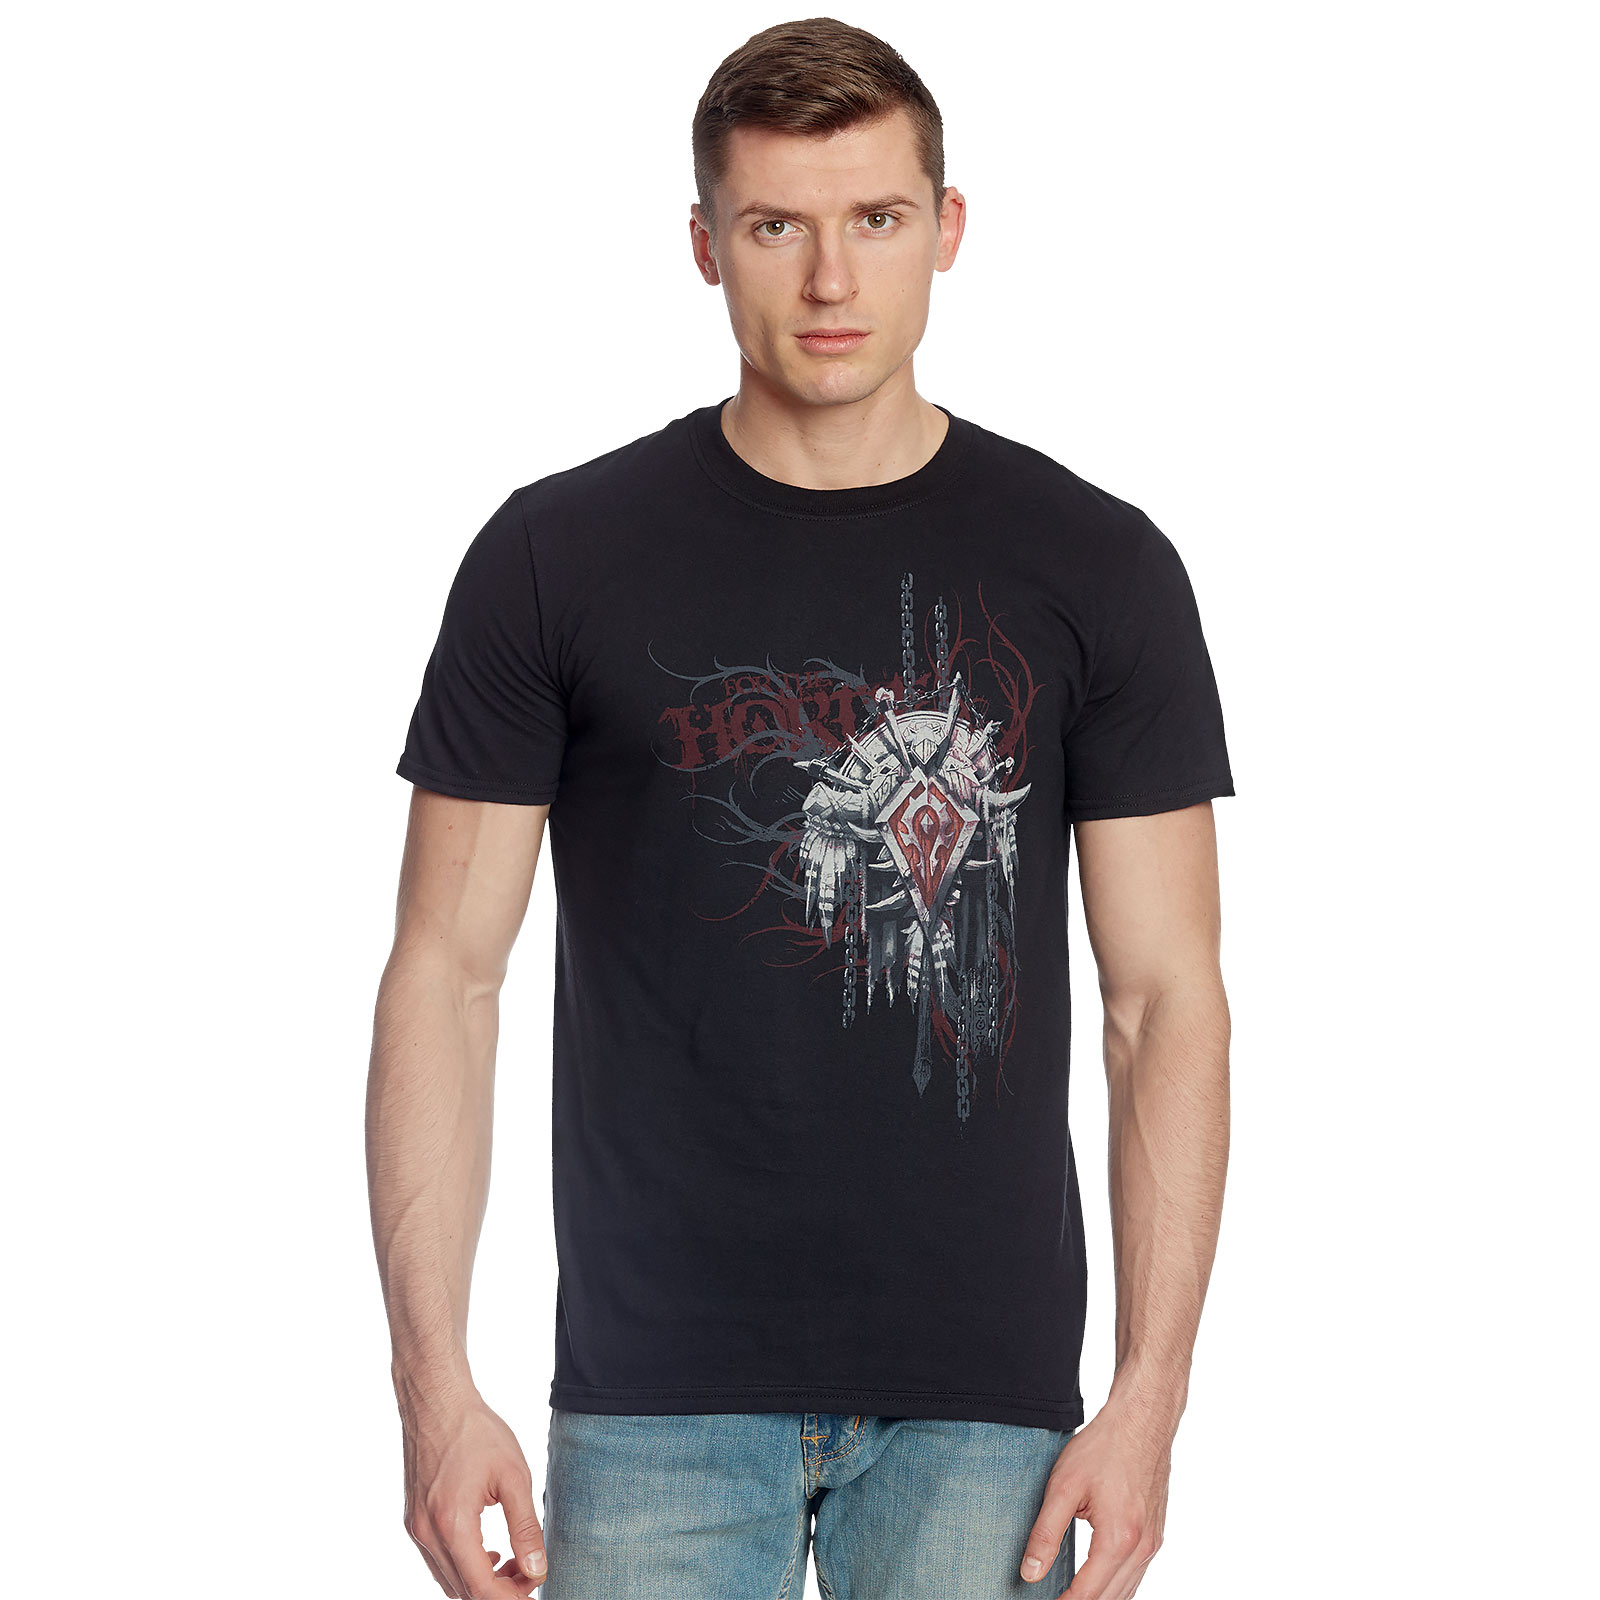 World of Warcraft Horde Crest Version 2 T-Shirt